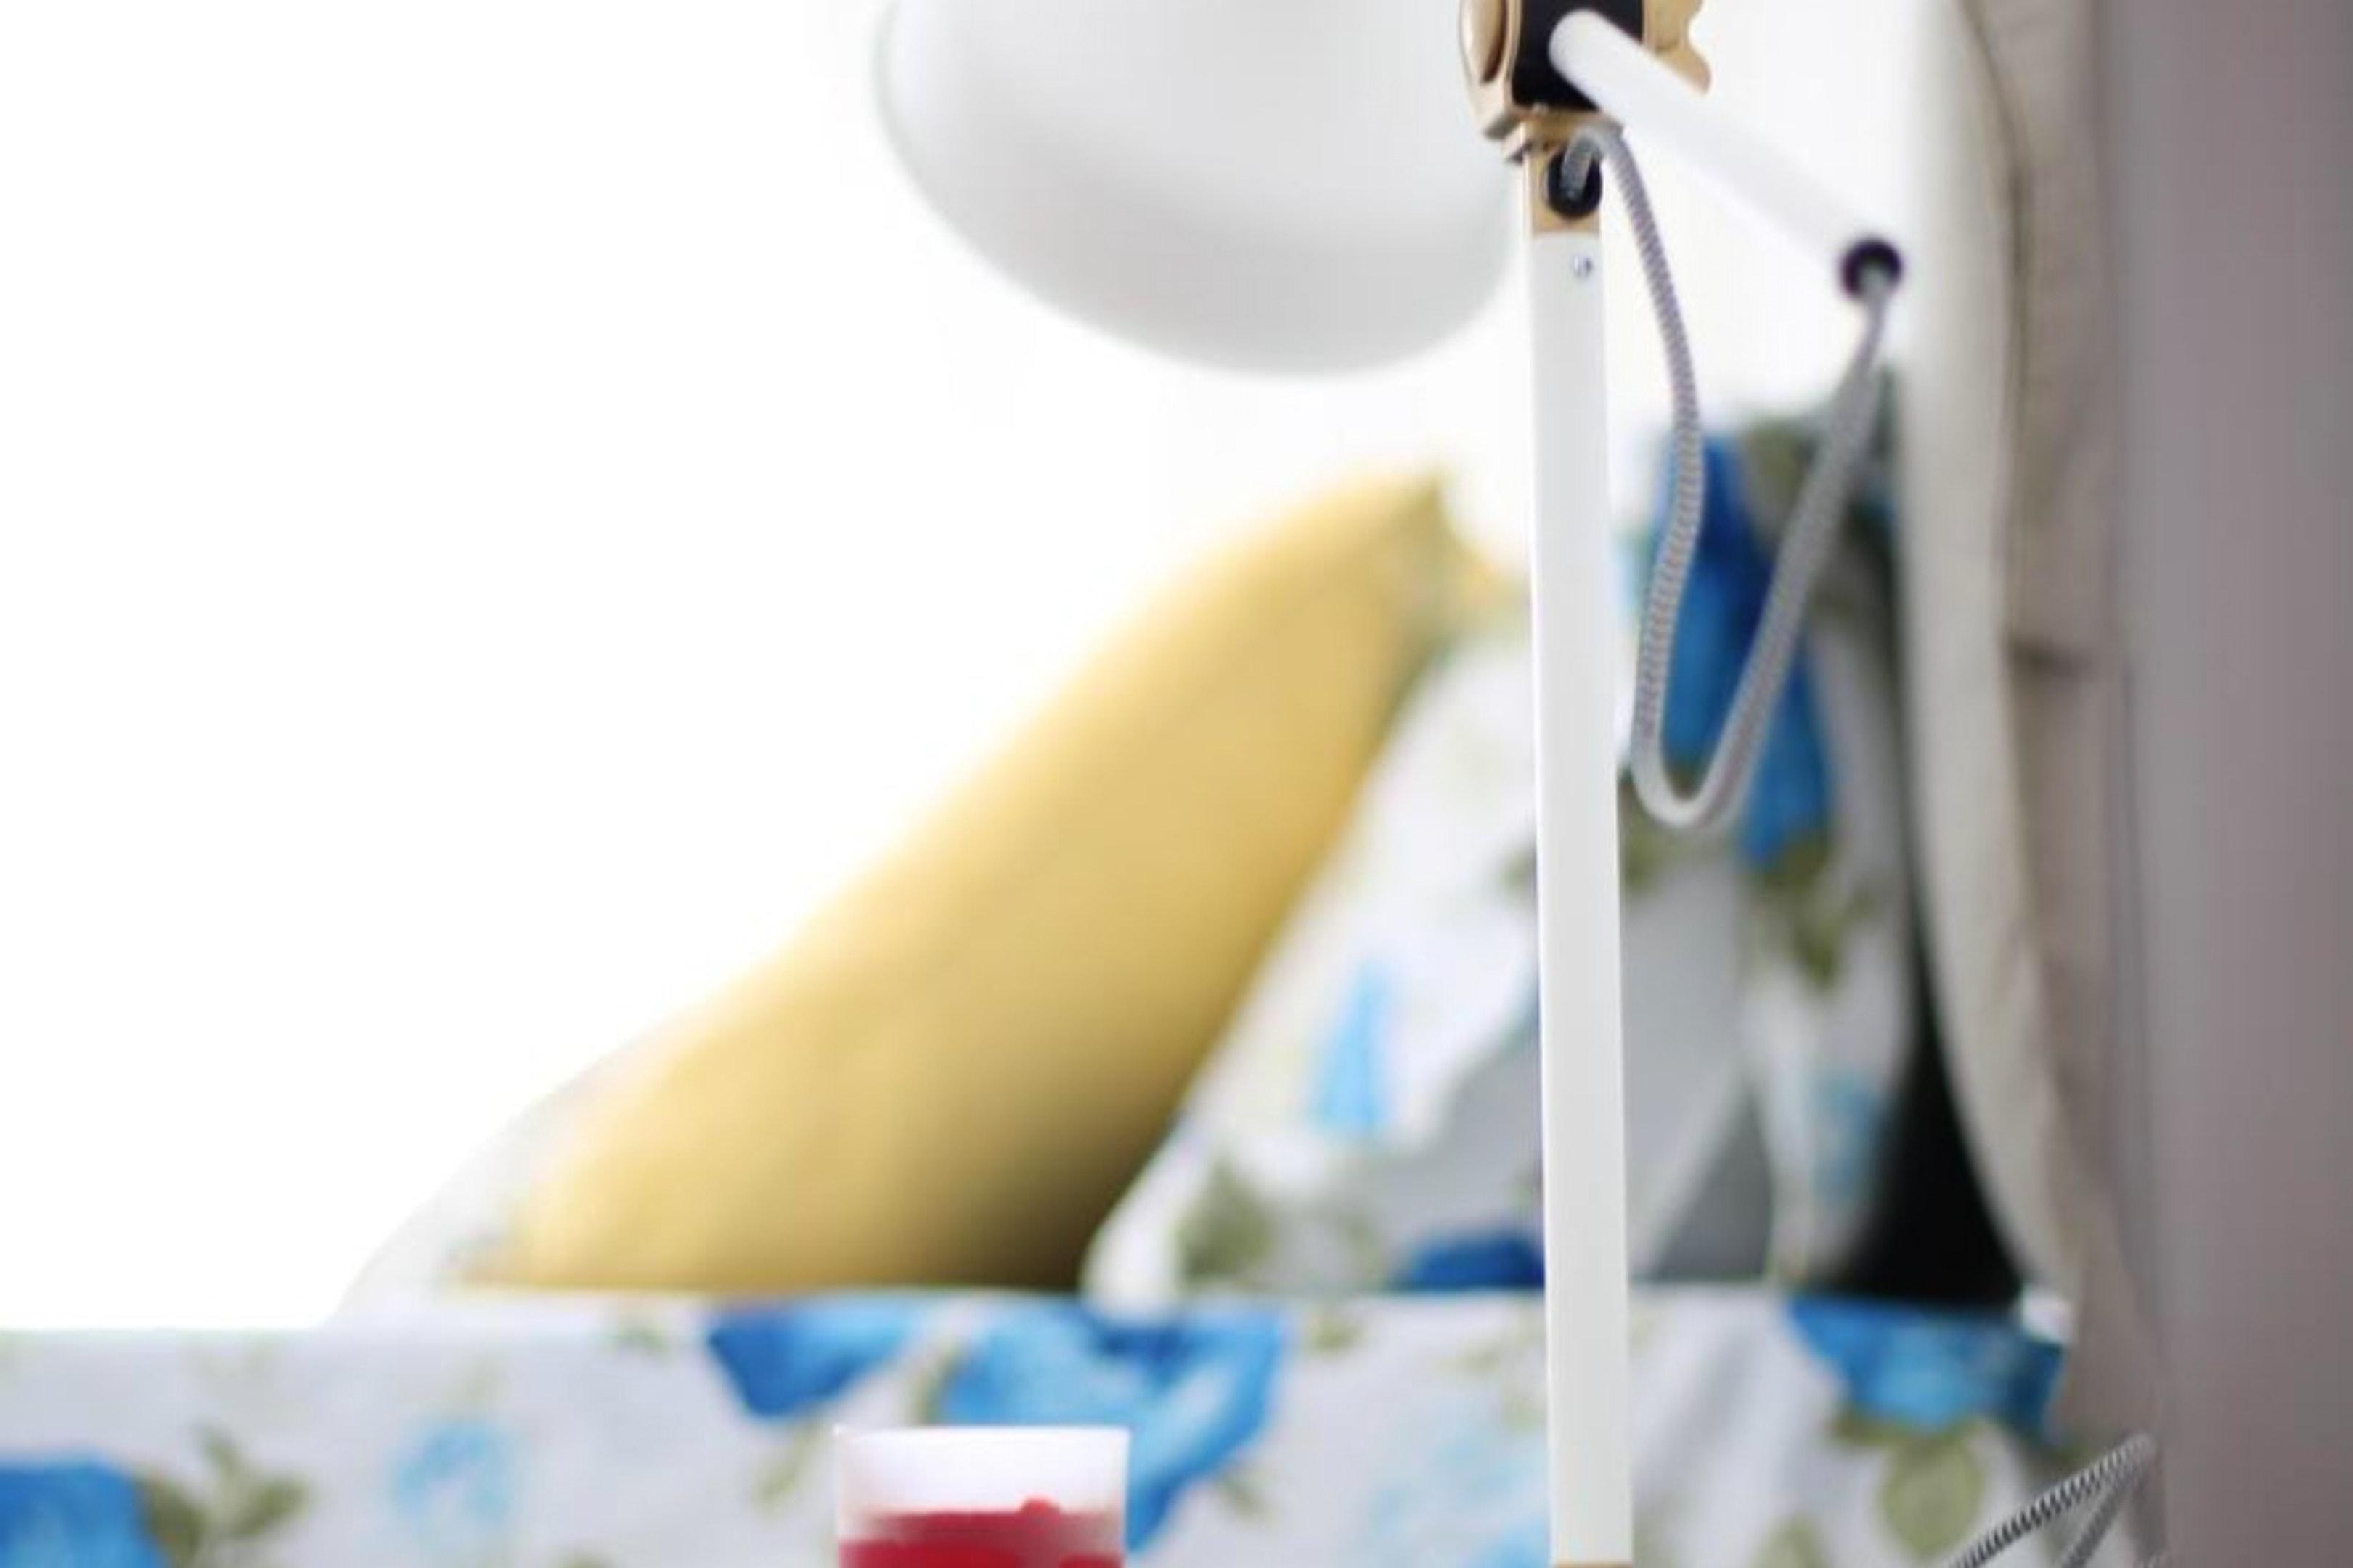 Maison de vacances Haus mit 4 Schlafzimmern in Sant Francesc Xavier mit Terrasse und W-LAN (2700592), San Francisco Javier, Formentera, Iles Baléares, Espagne, image 34